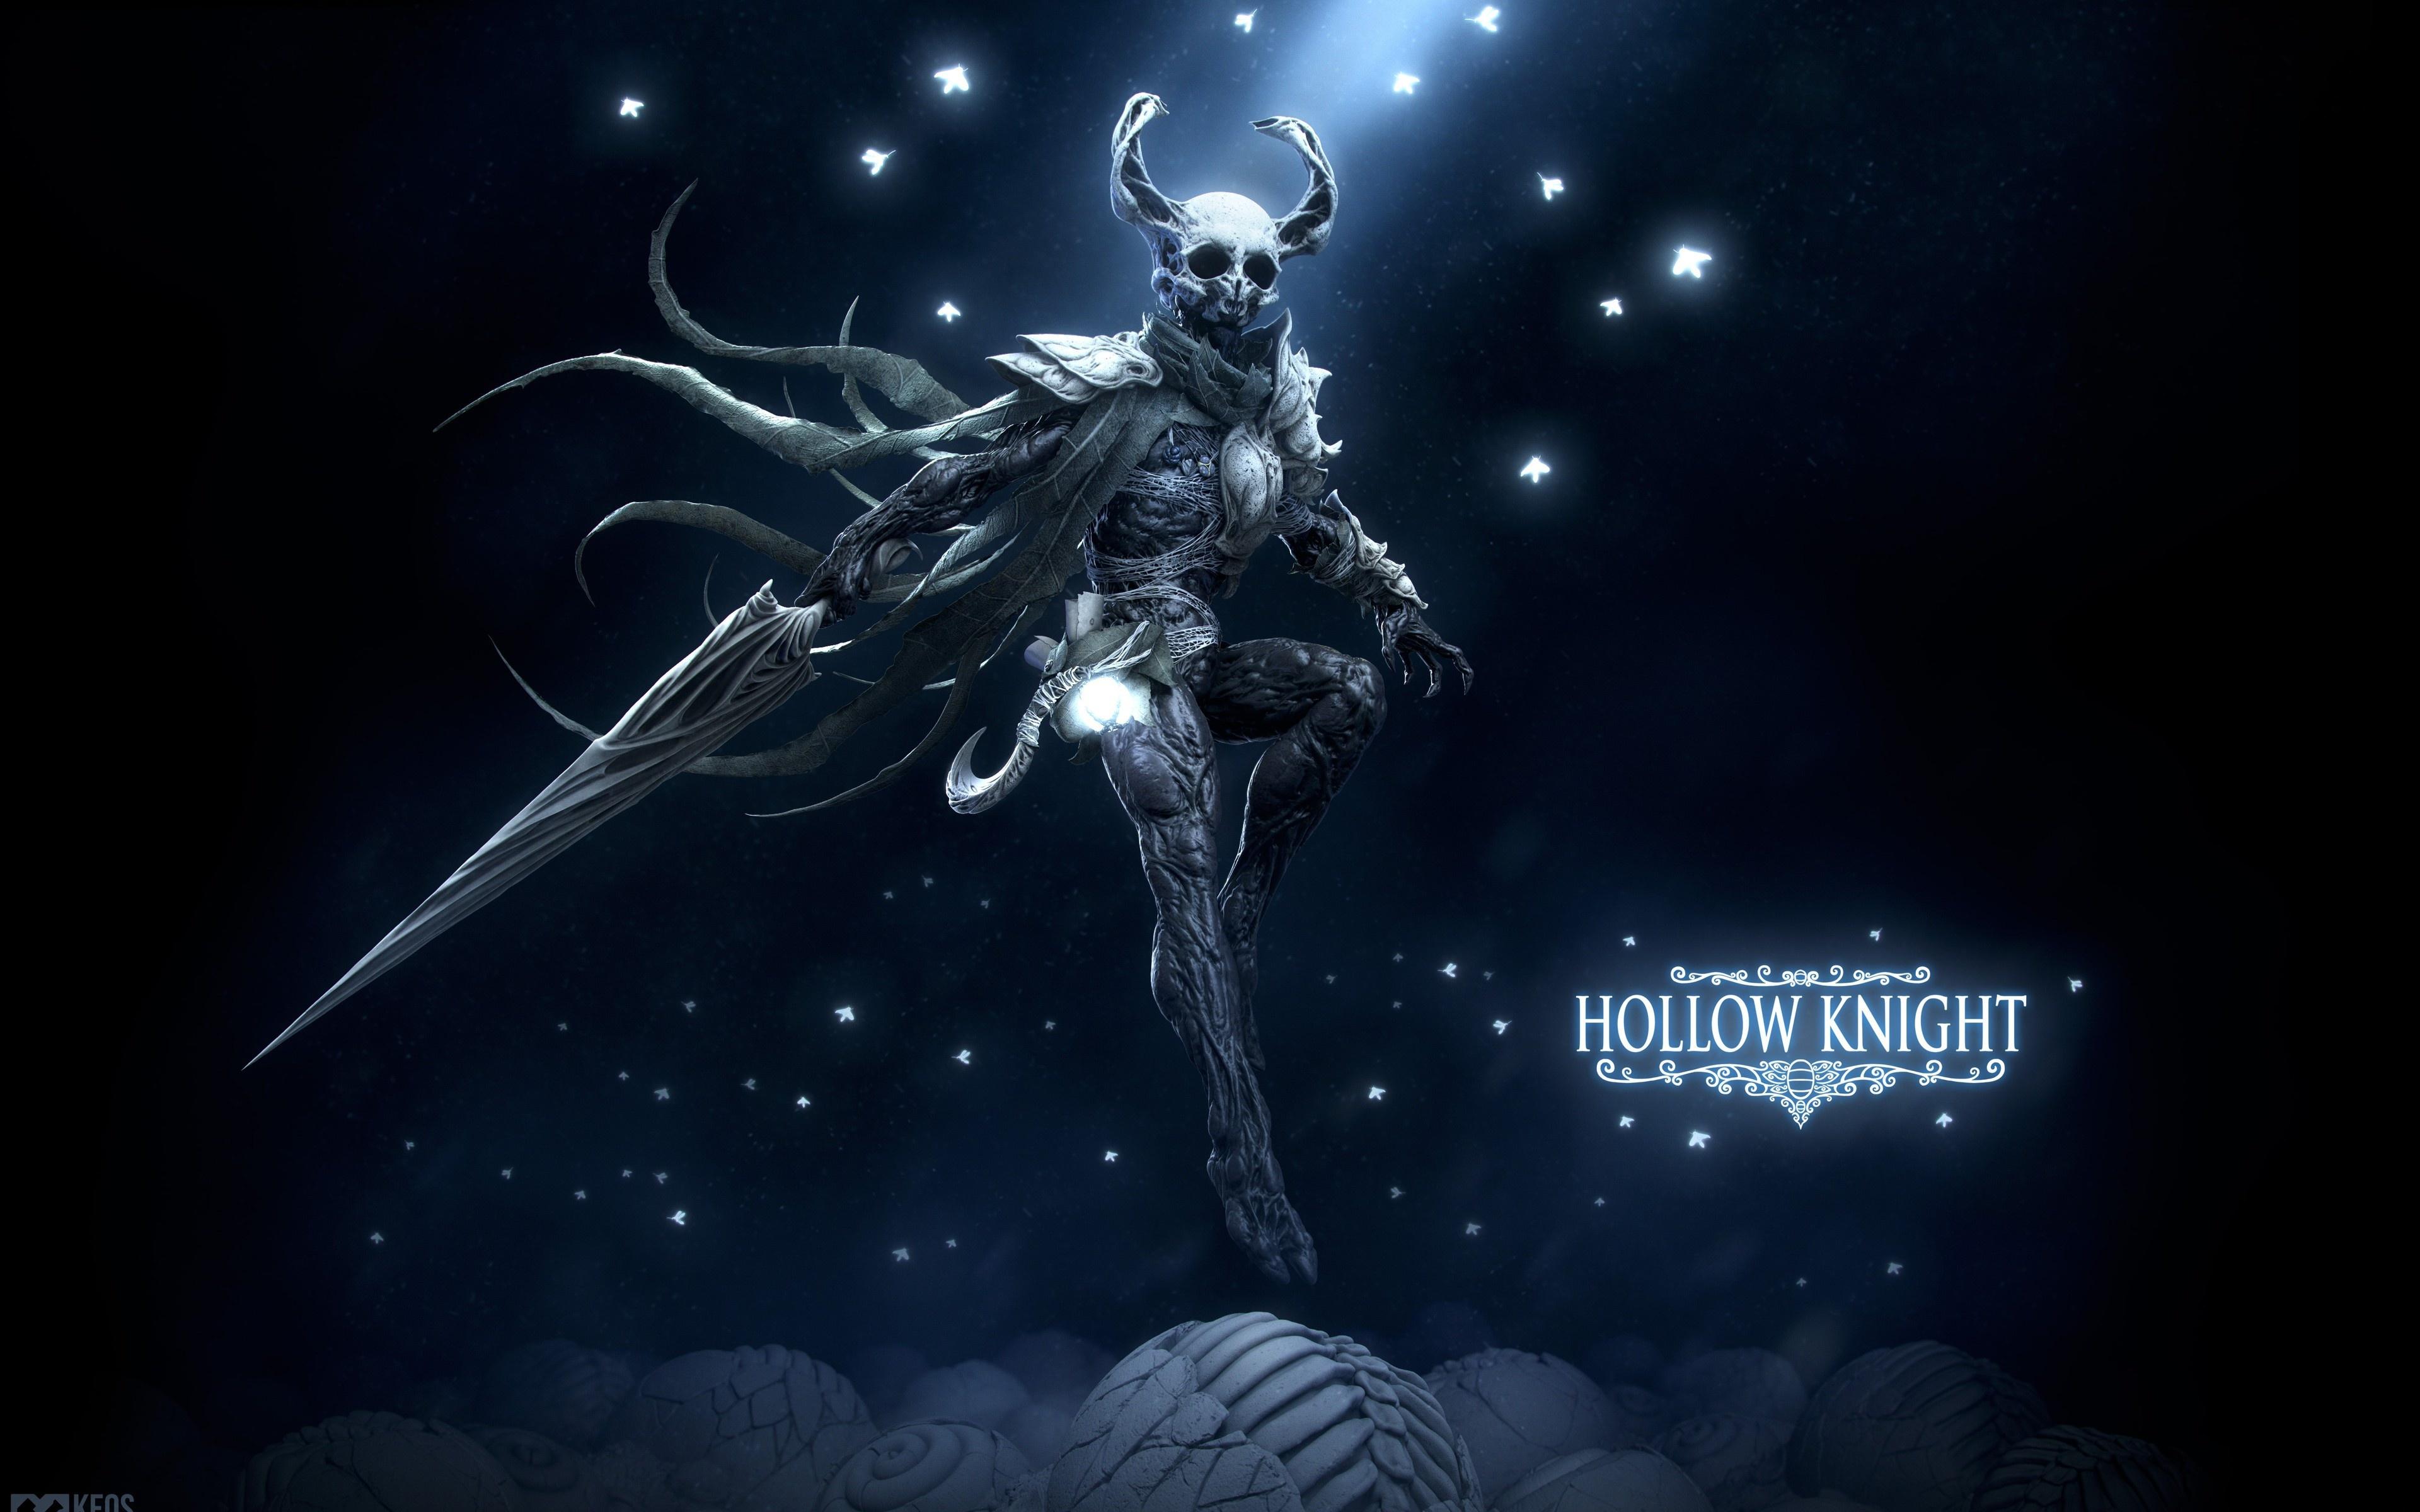 Обои для рабочего стола меча Воители Рога Hollow Knight, Keos Masons Игры 3840x2400 меч Мечи с мечом воин воины с рогами компьютерная игра